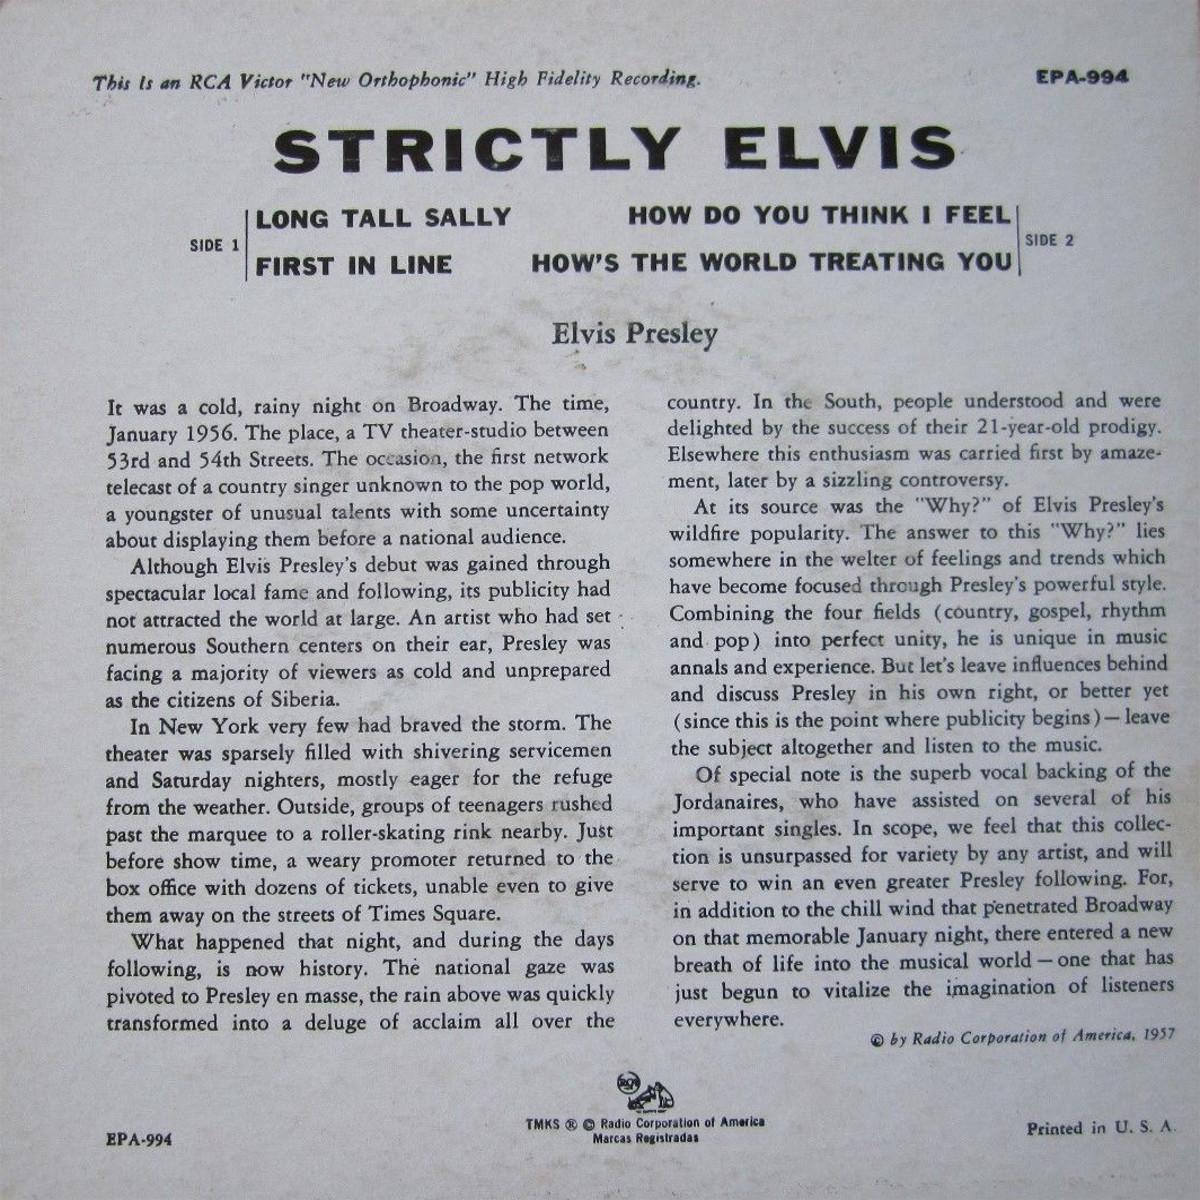 STRICTLY ELVIS 130jcrds